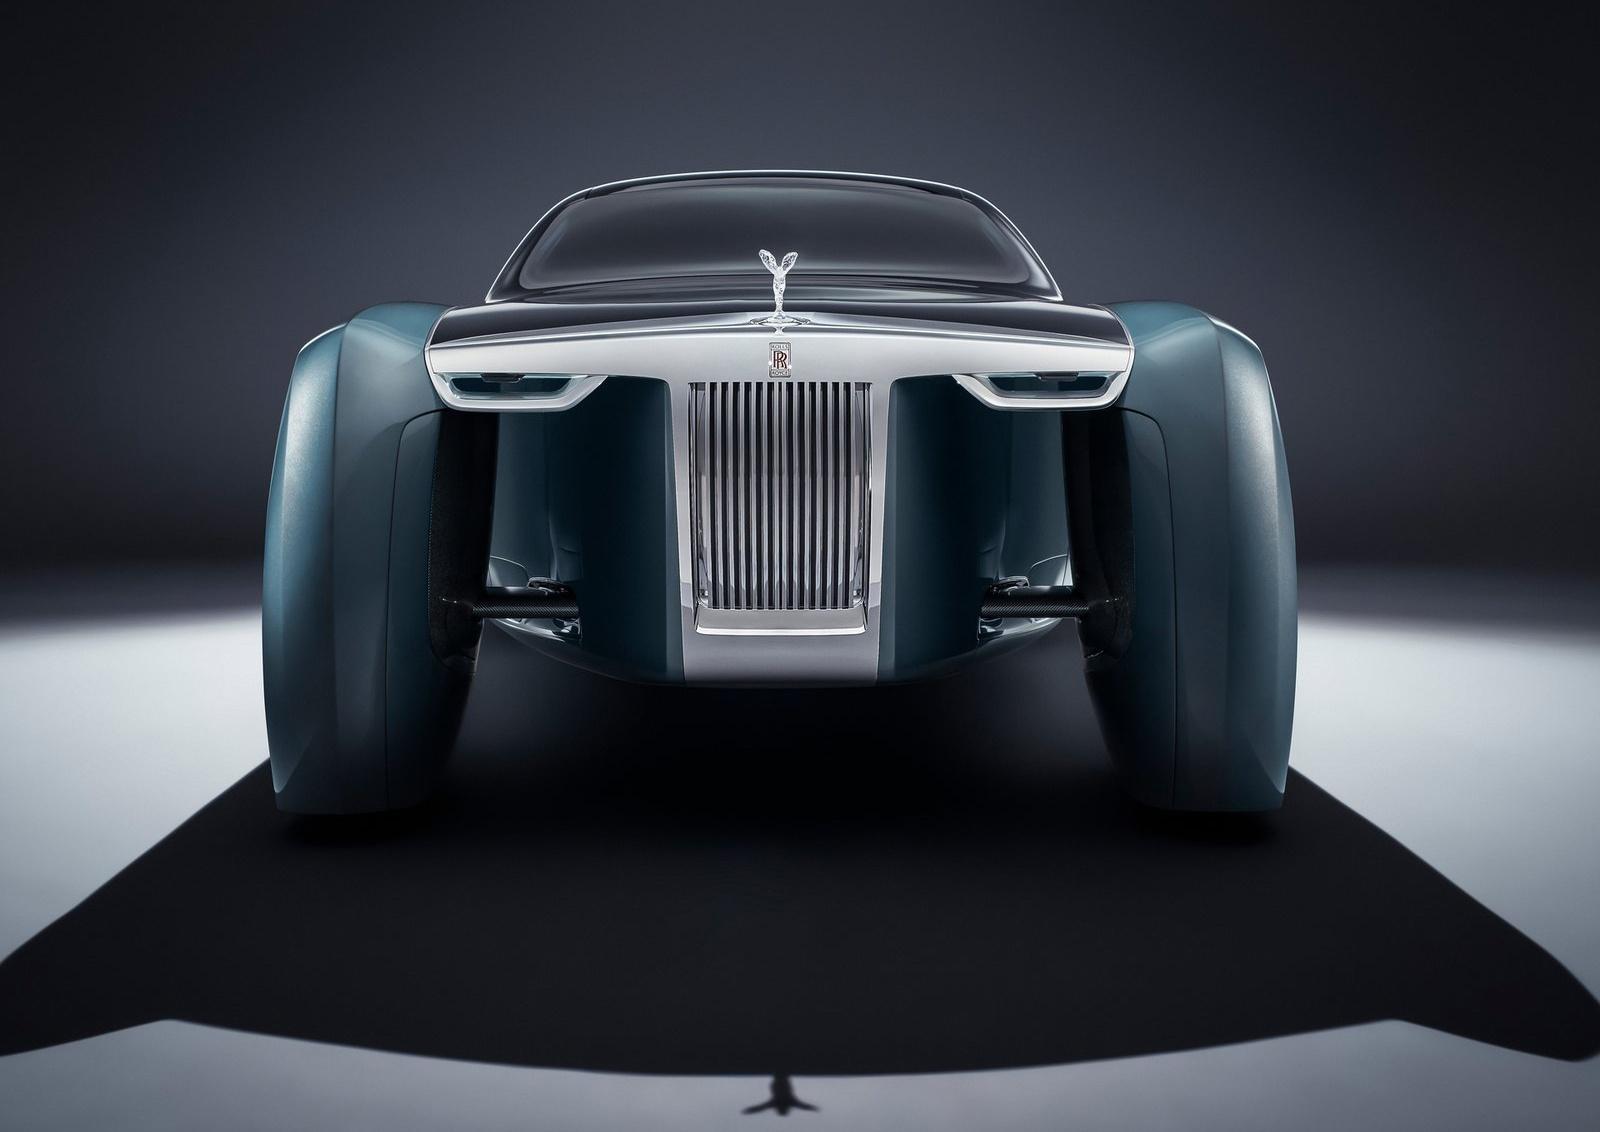 宾利之后,劳斯莱斯也将高调杀入纯电动车市场